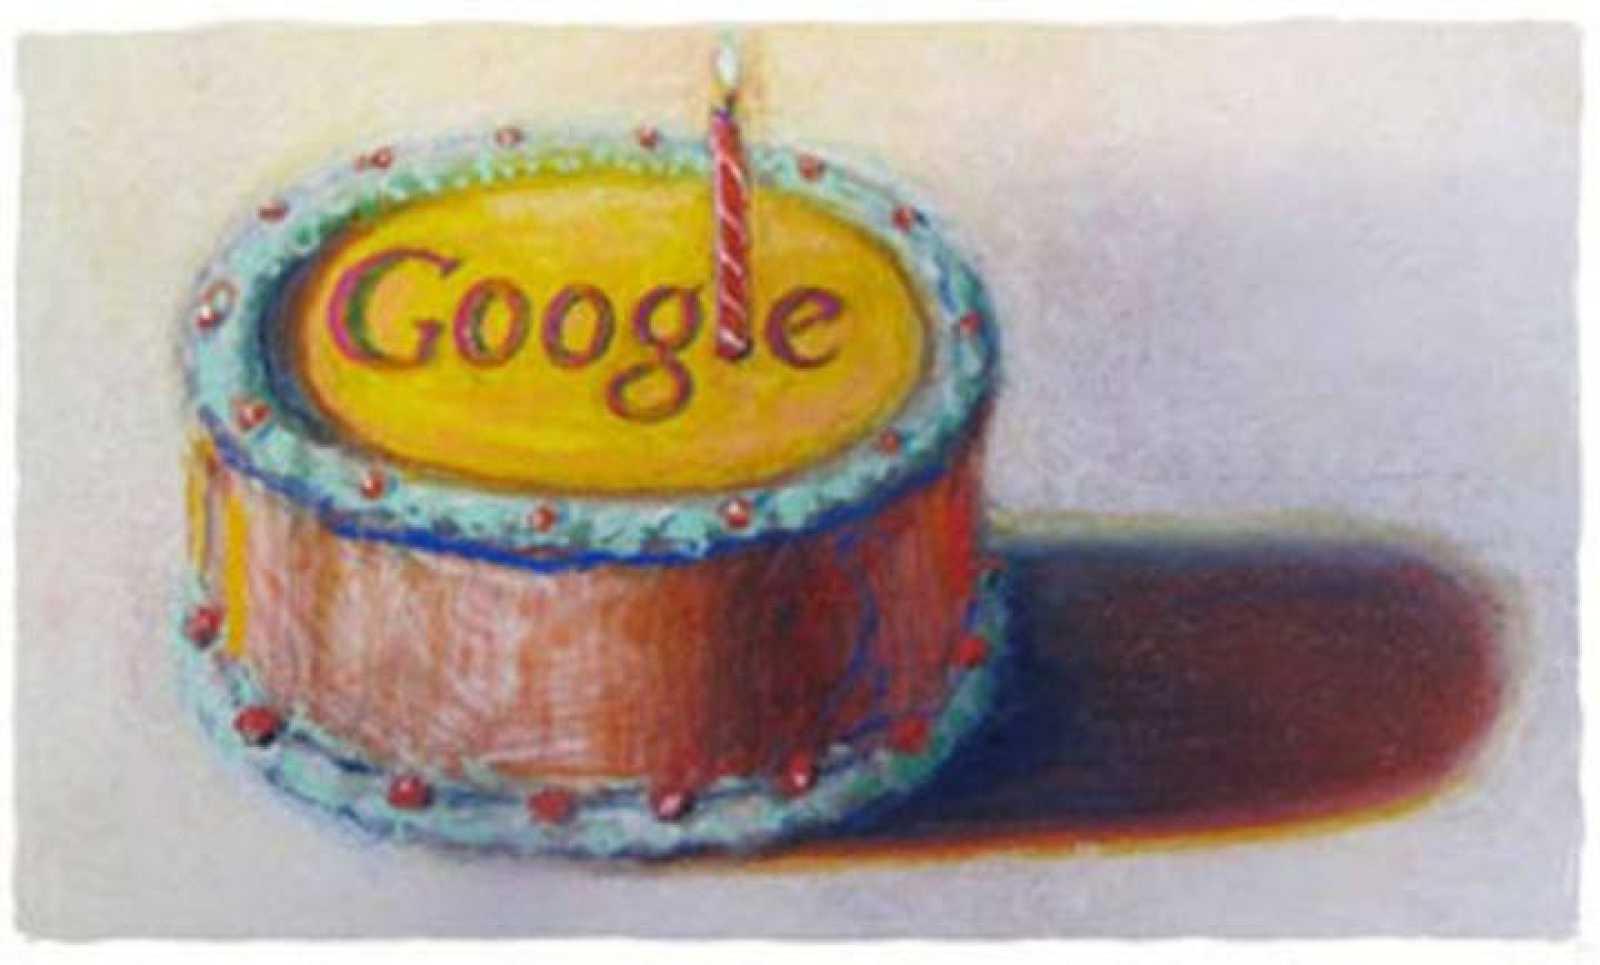 Google celebra su 12 cumpleaños con un pastel diseñado por el pintor pop Wayne Thiebaud